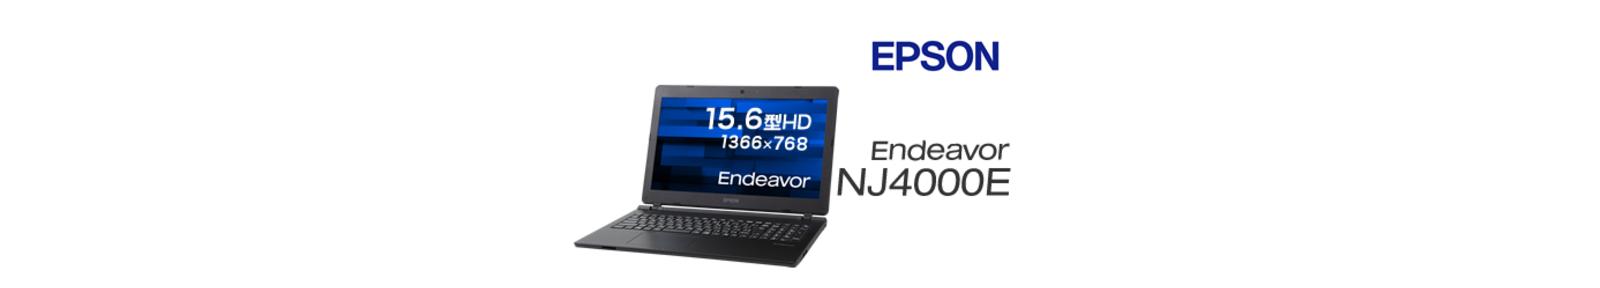 epson Endeavor NJ4000E